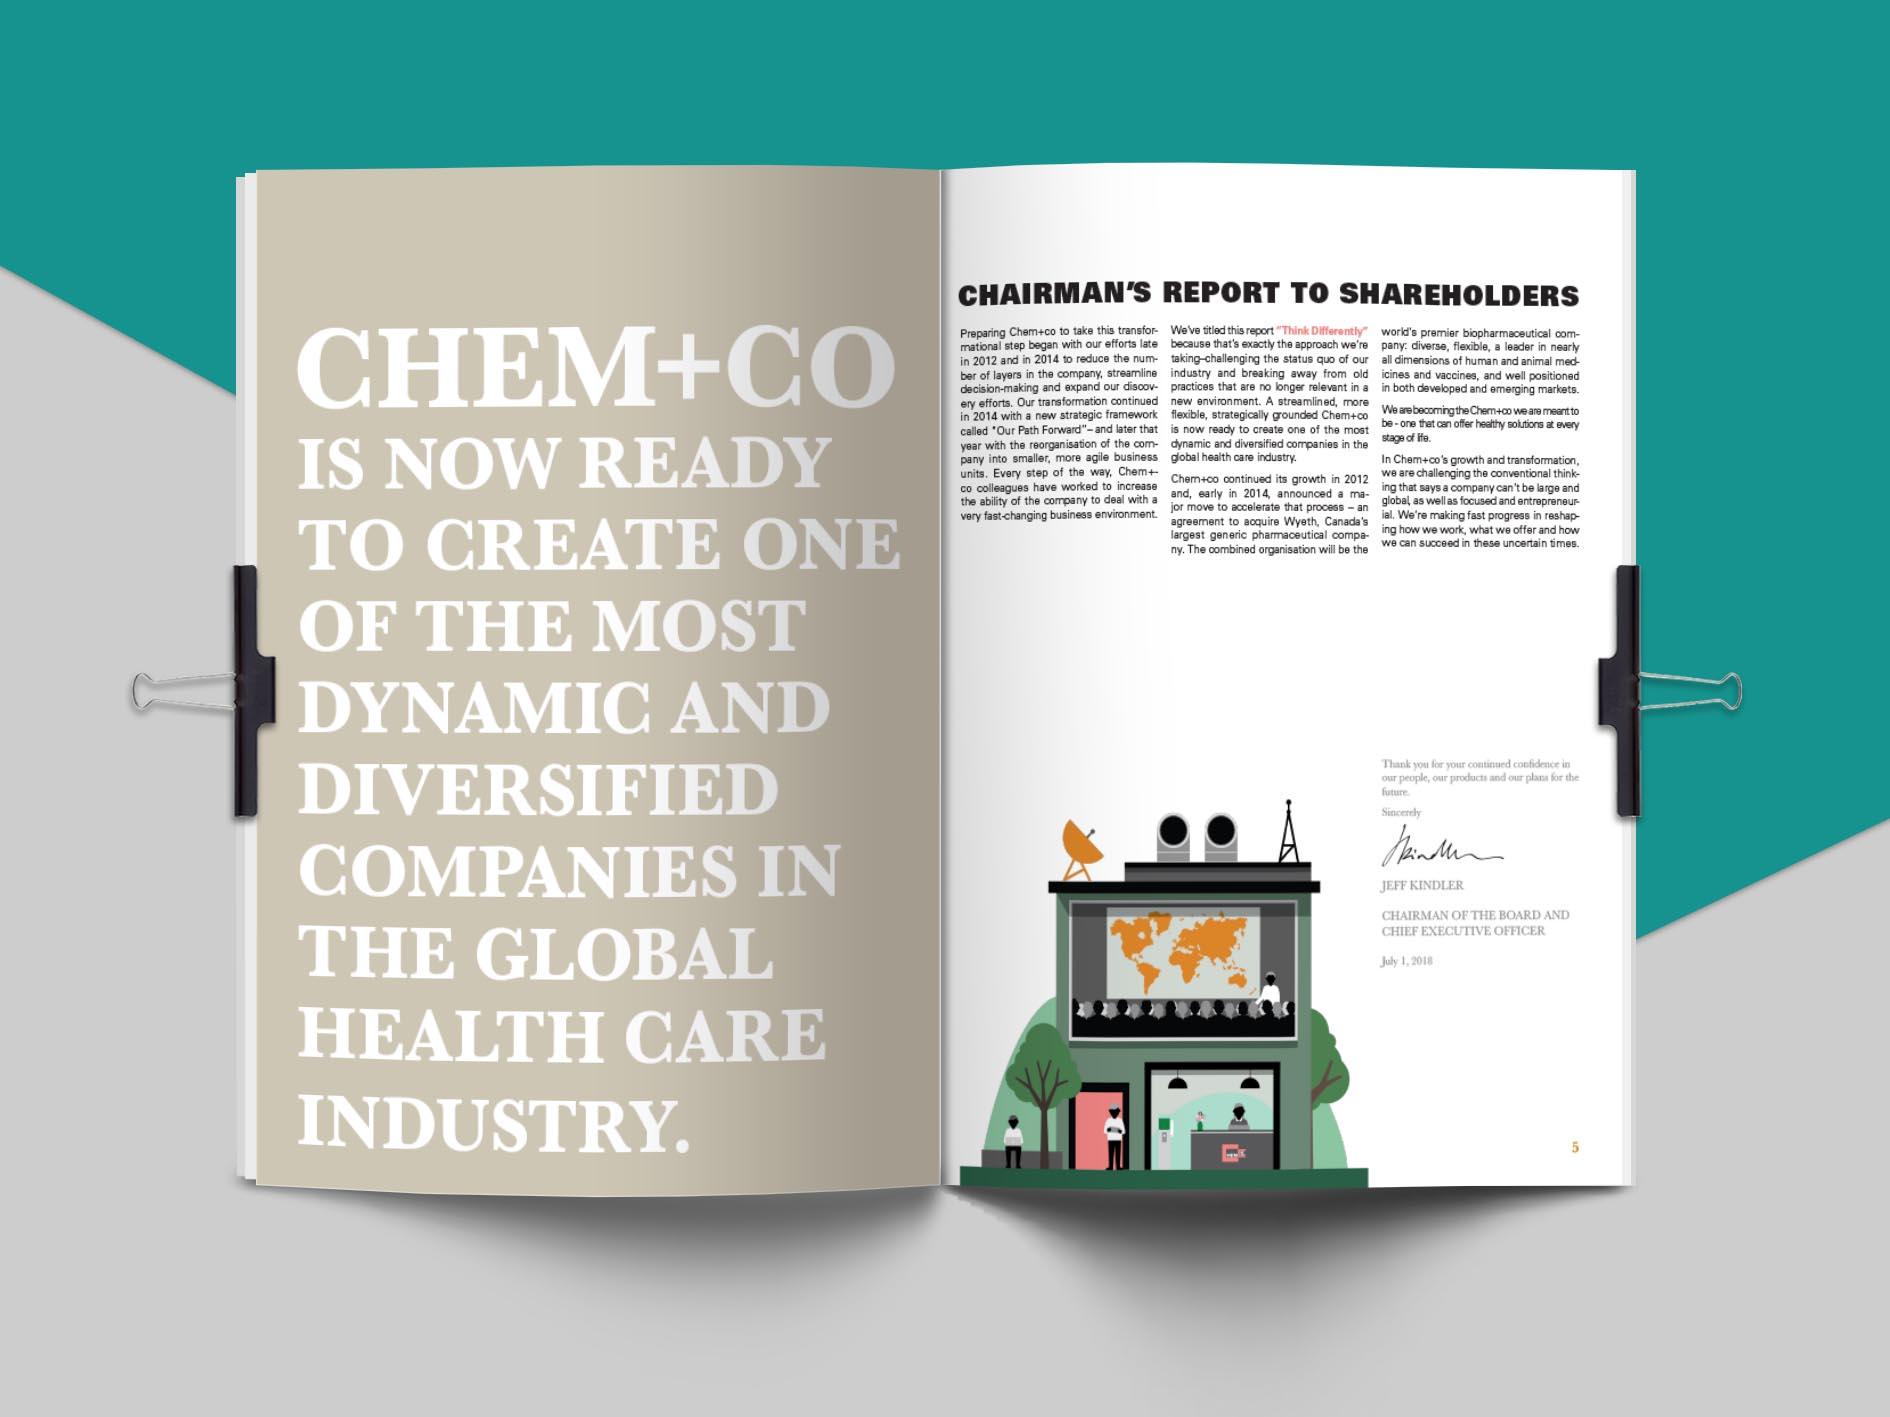 CHEMCO Annual Report spread 2 copy.jpg